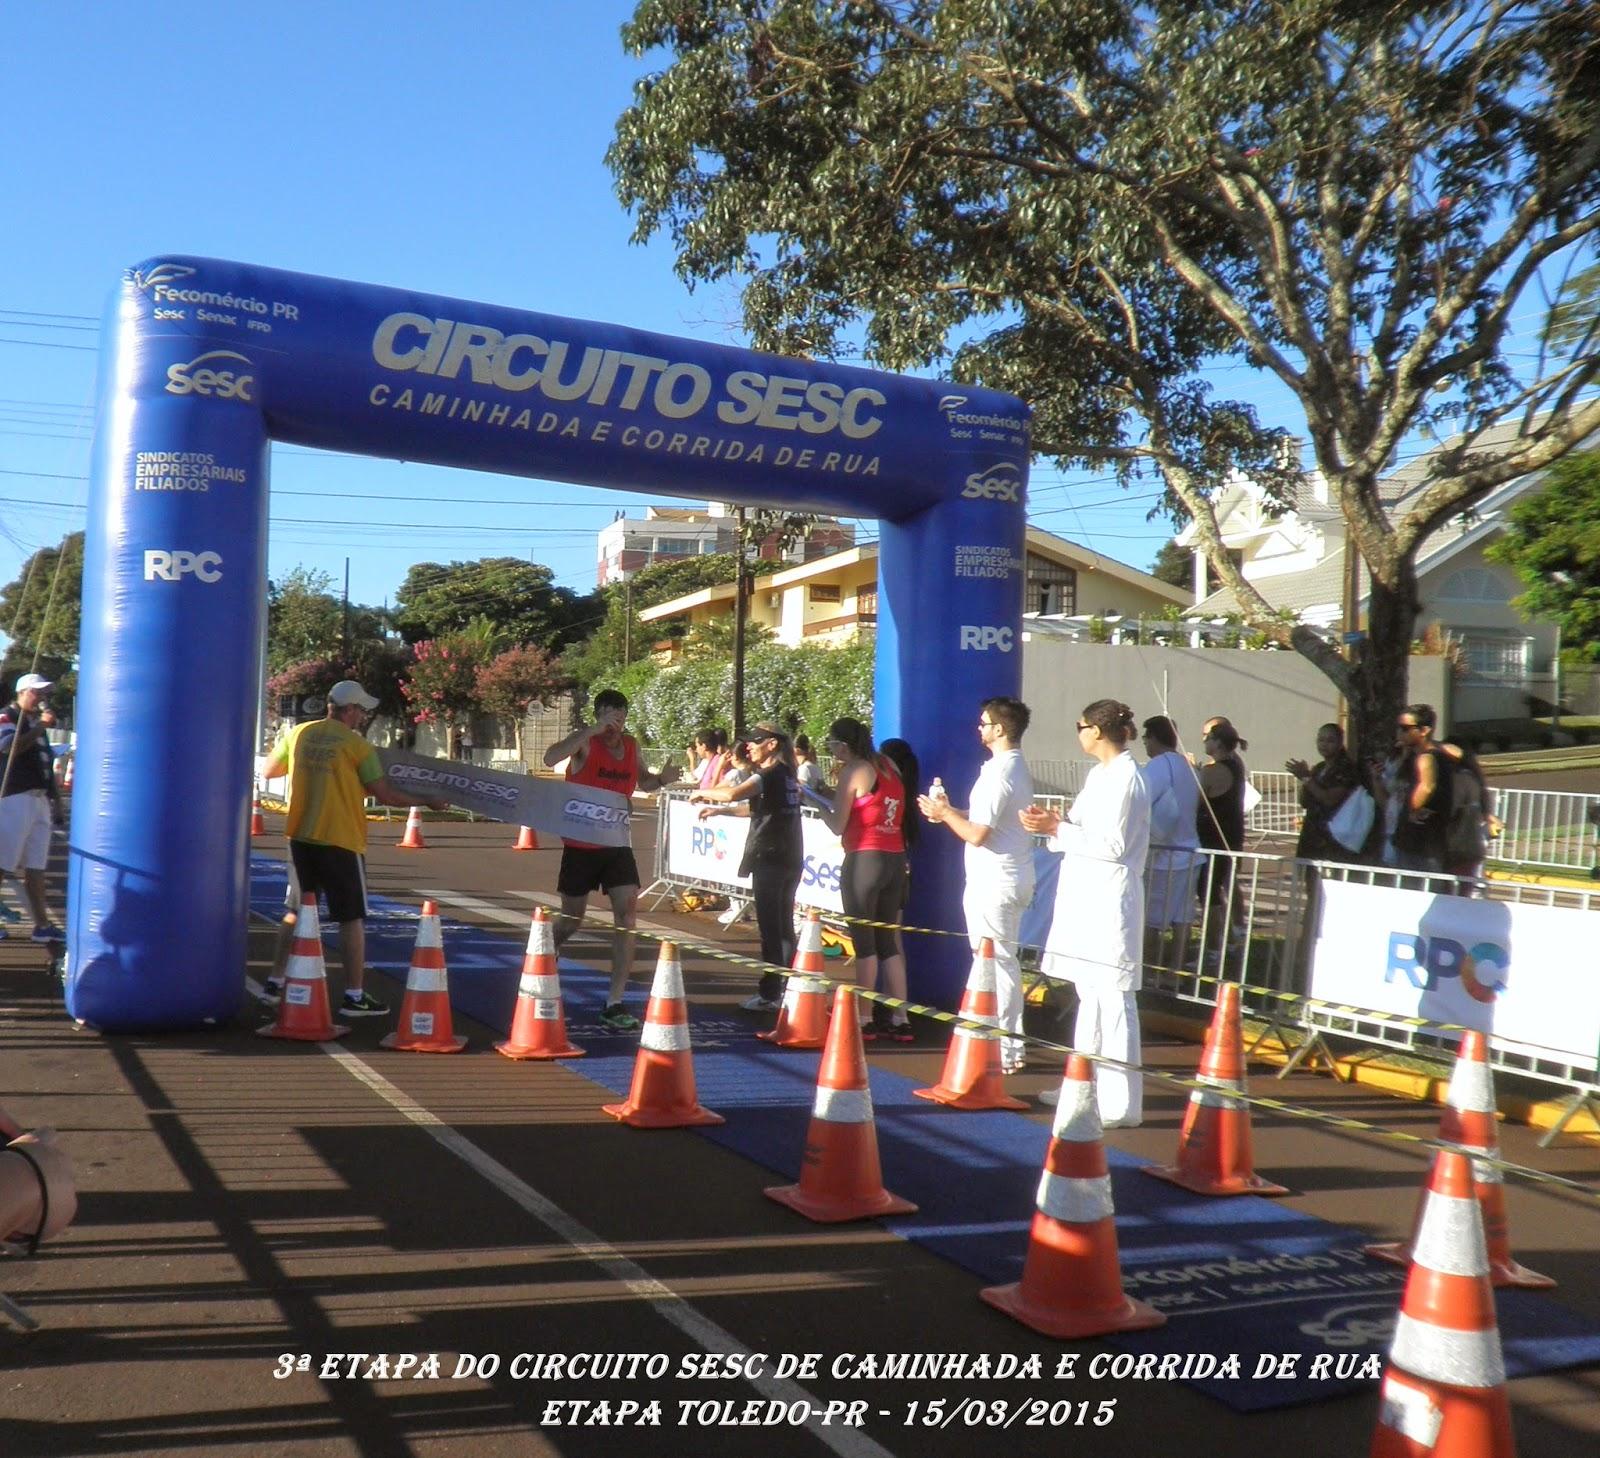 Circuito Sesc De Corridas Etapa Pelotas : Correndo corridas corrida nº ª etapa do circuito